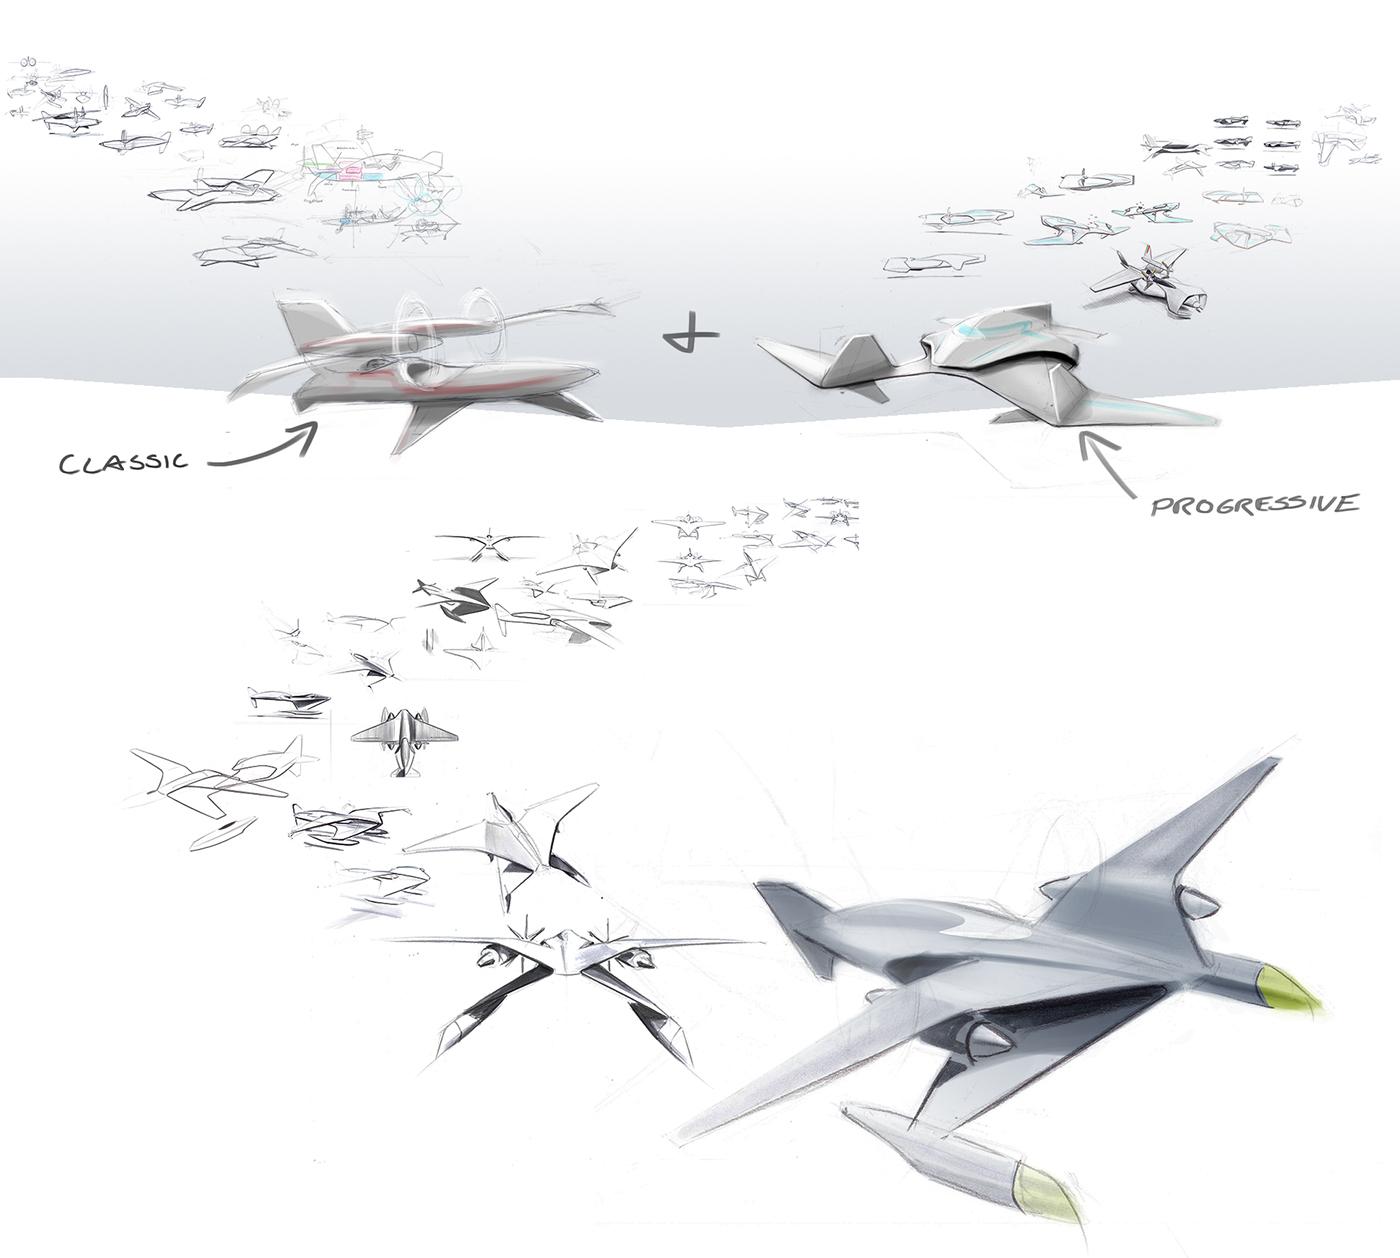 未来的水上运输飞机概念设计